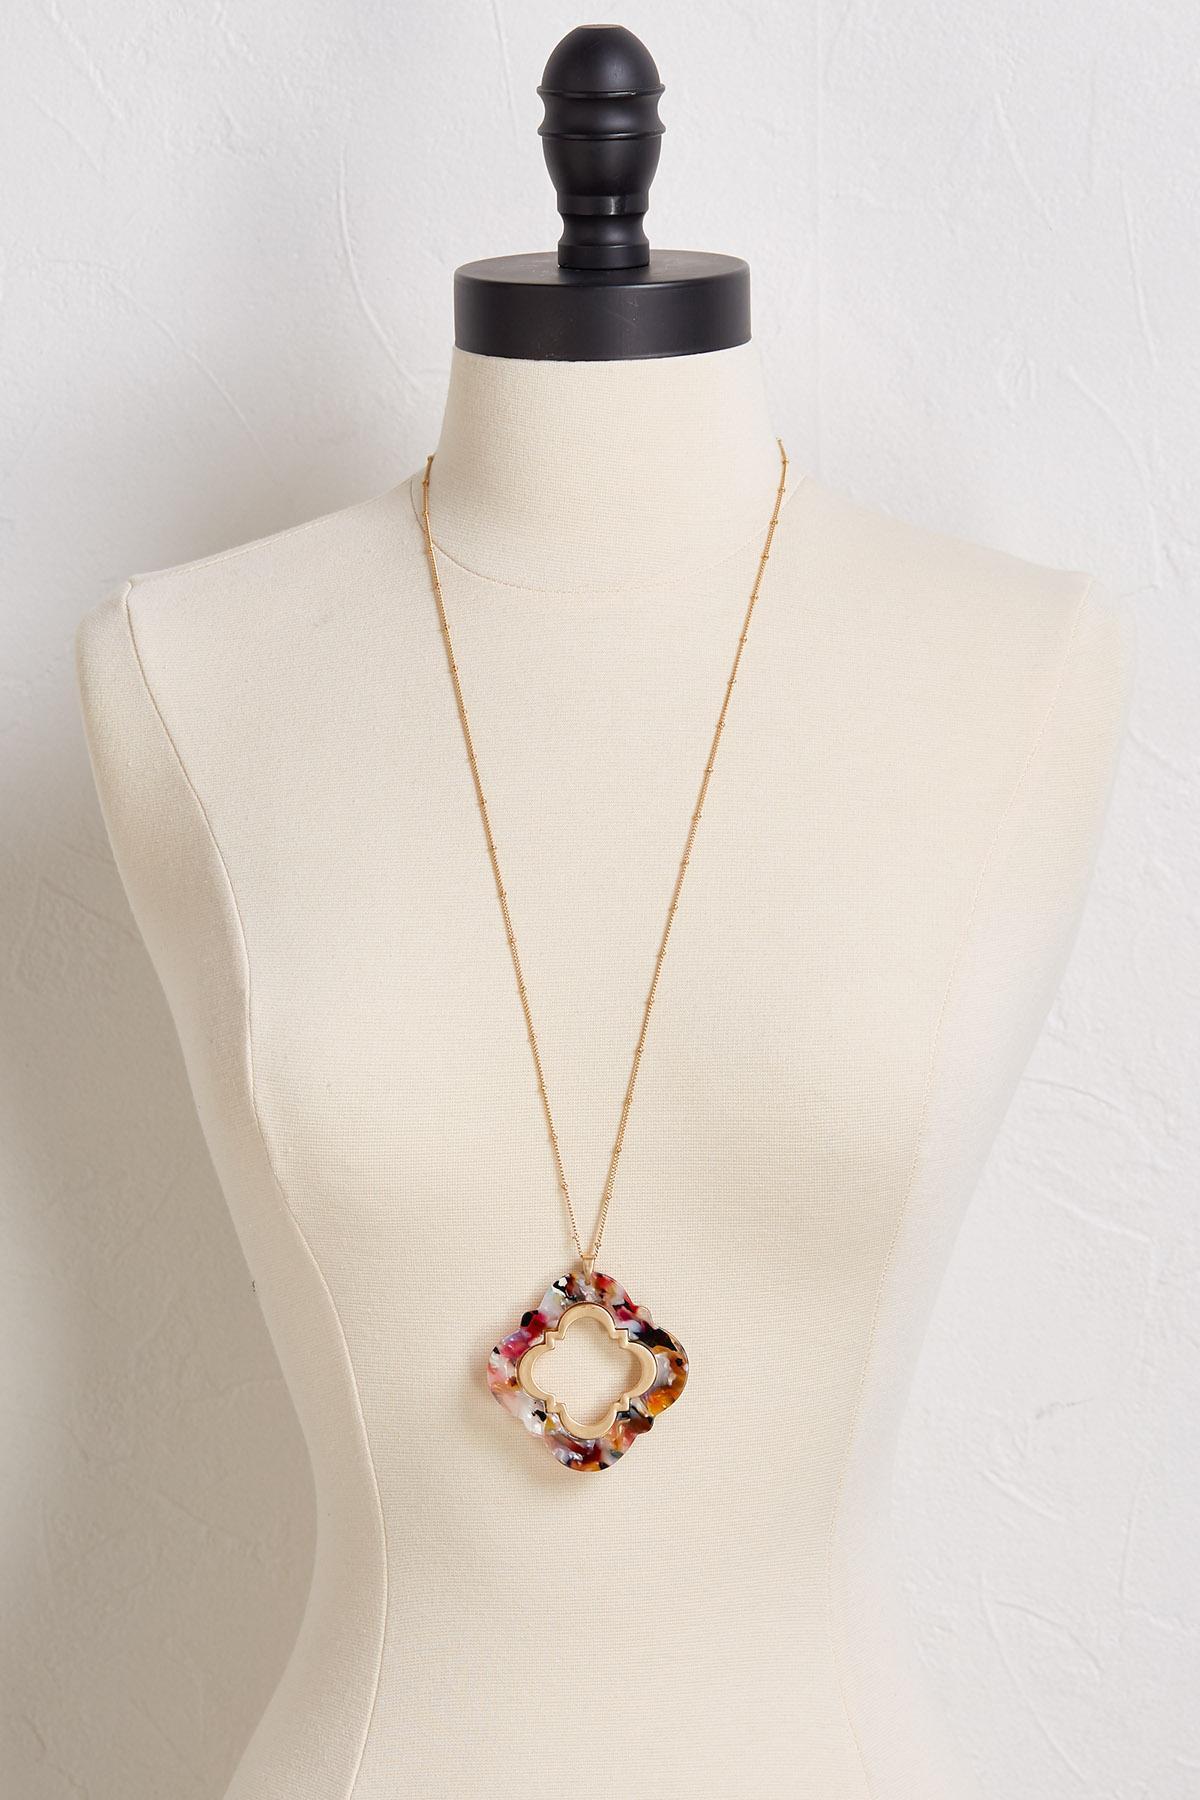 Lucite Clover Pendant Necklace